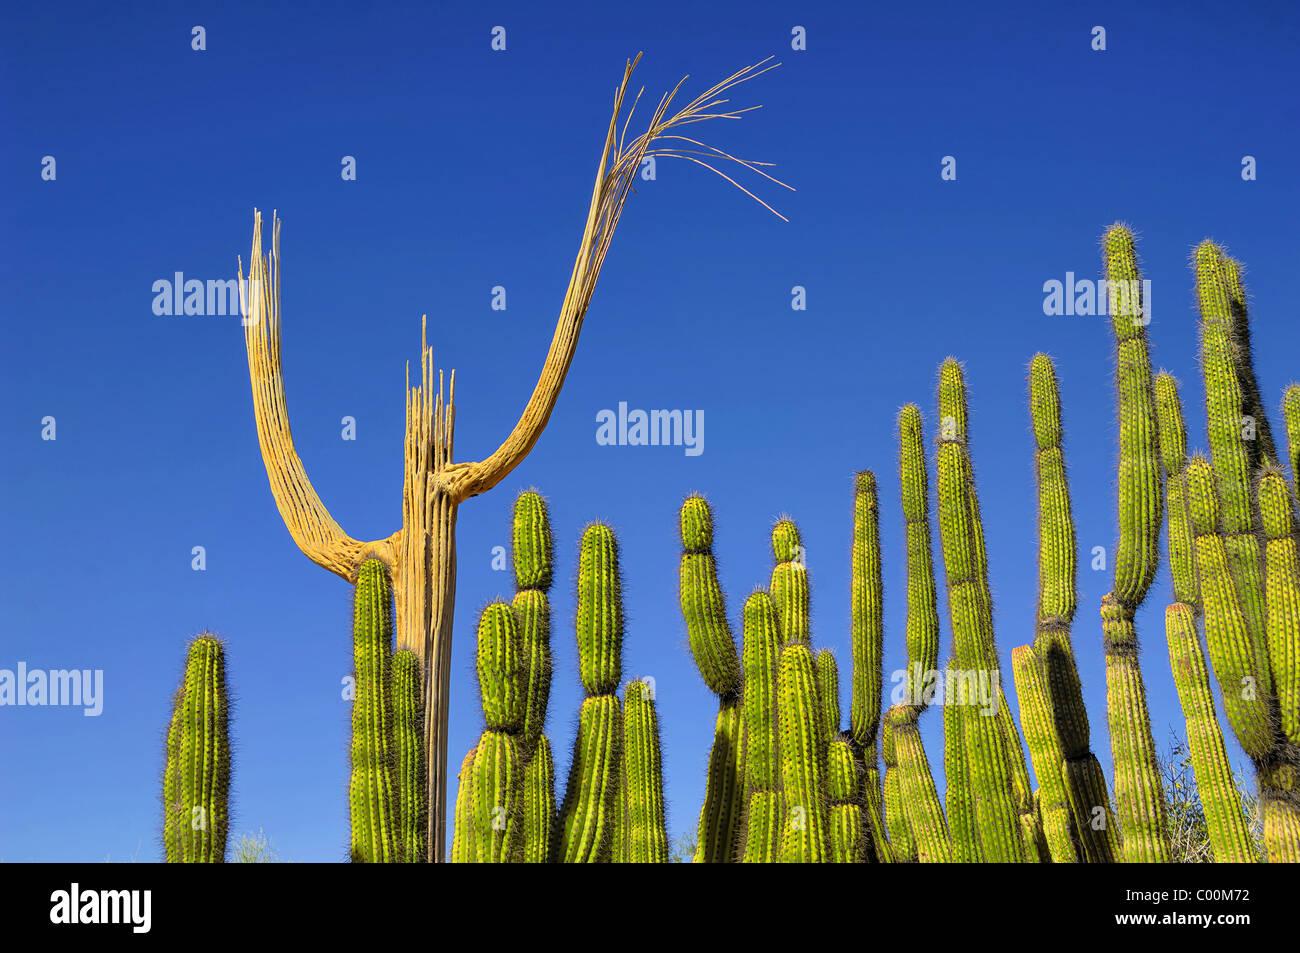 El esqueleto de un cacto saguaro junto con un grupo de Organ Pipe Cactii. Director de coro y coro ? Museo del desierto Imagen De Stock